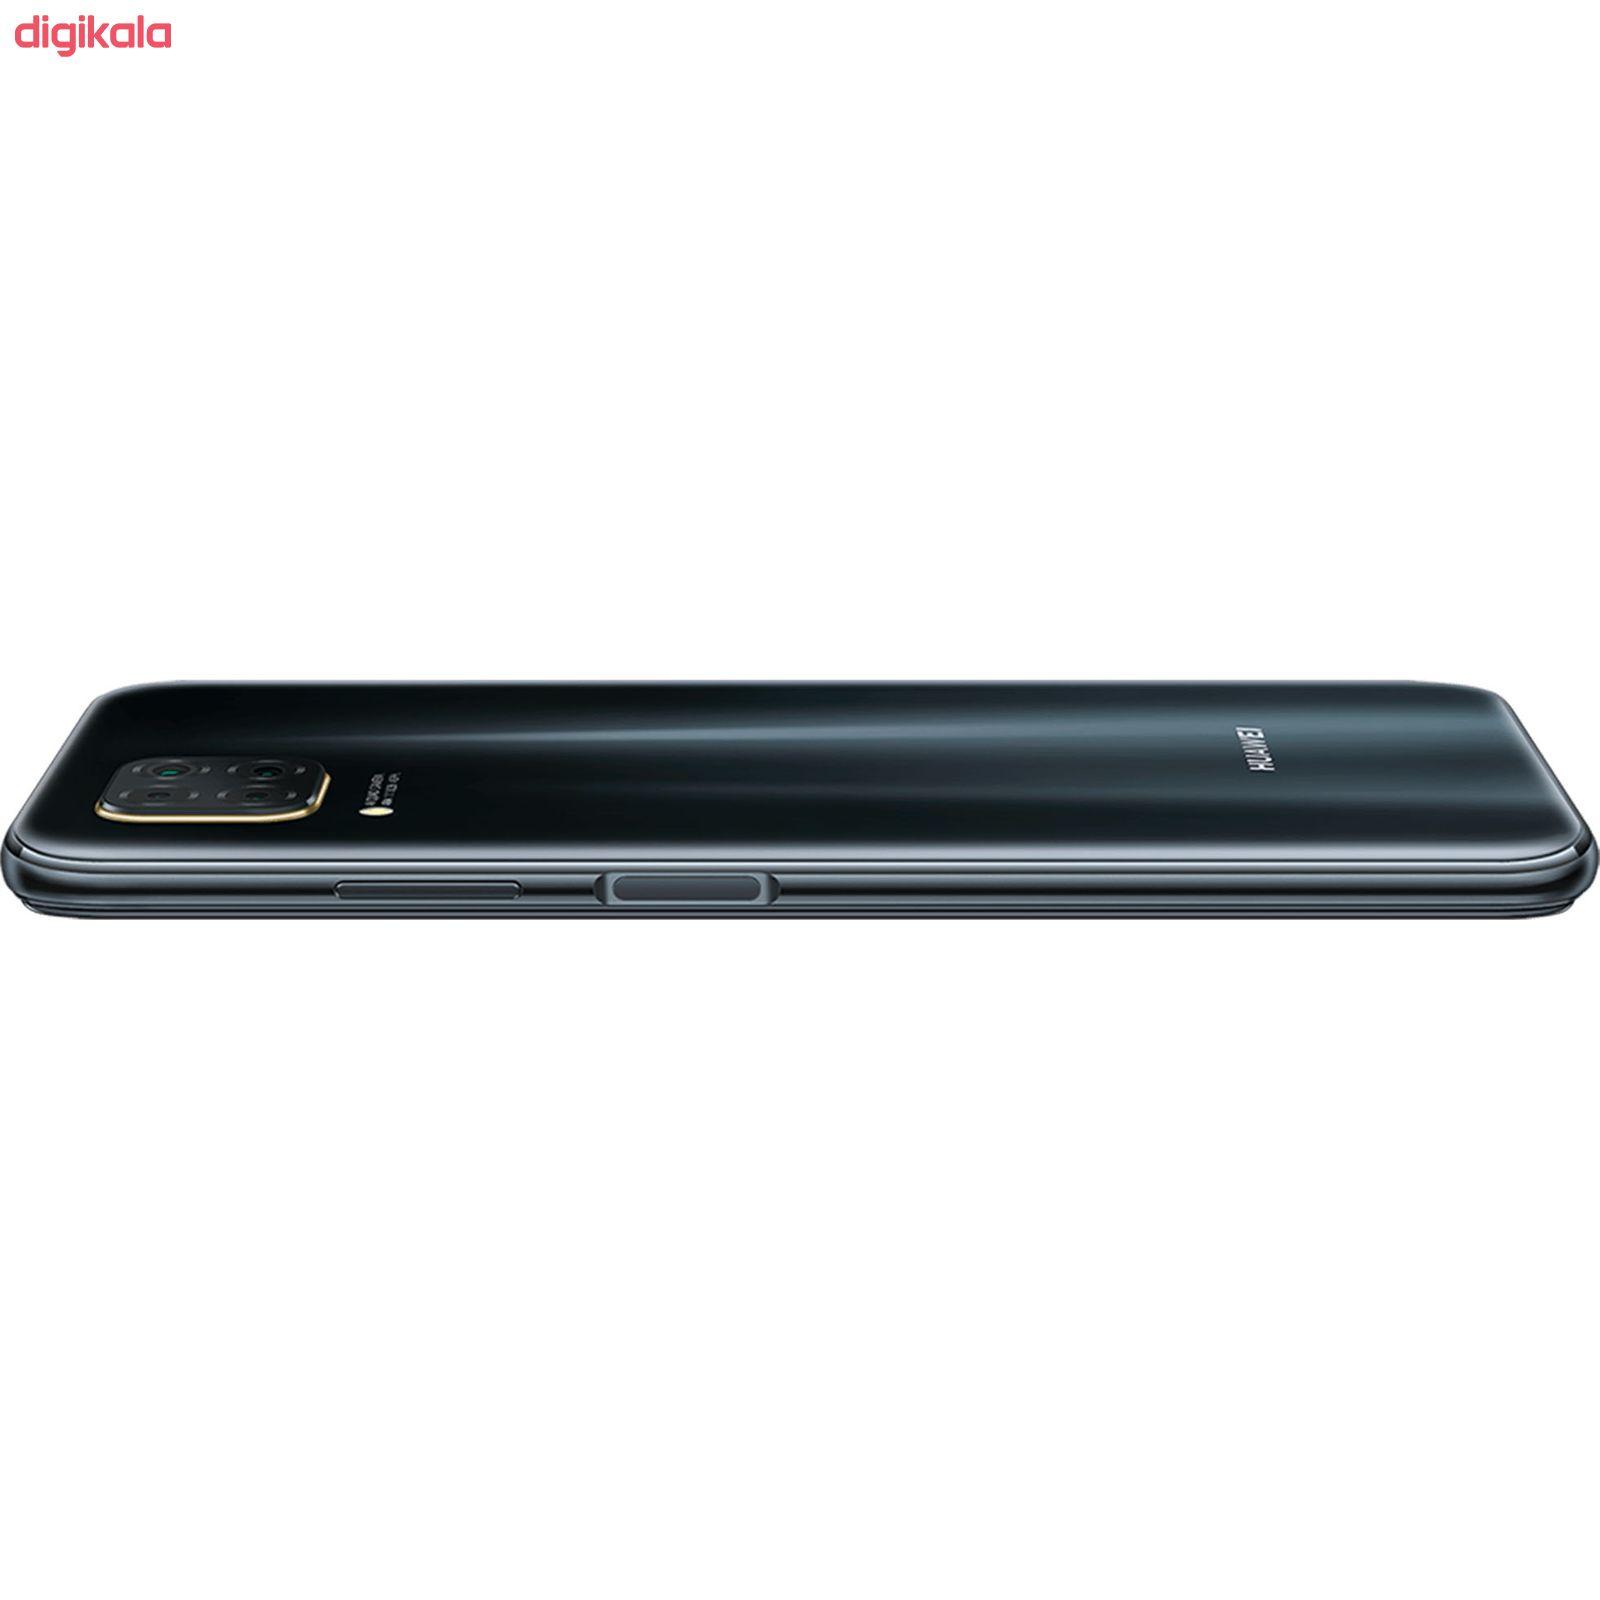 گوشی موبایل هوآوی مدل Nova 7i JNY-LX1 دو سیم کارت ظرفیت 128 گیگابایت به همراه شارژر همراه هدیه main 1 24